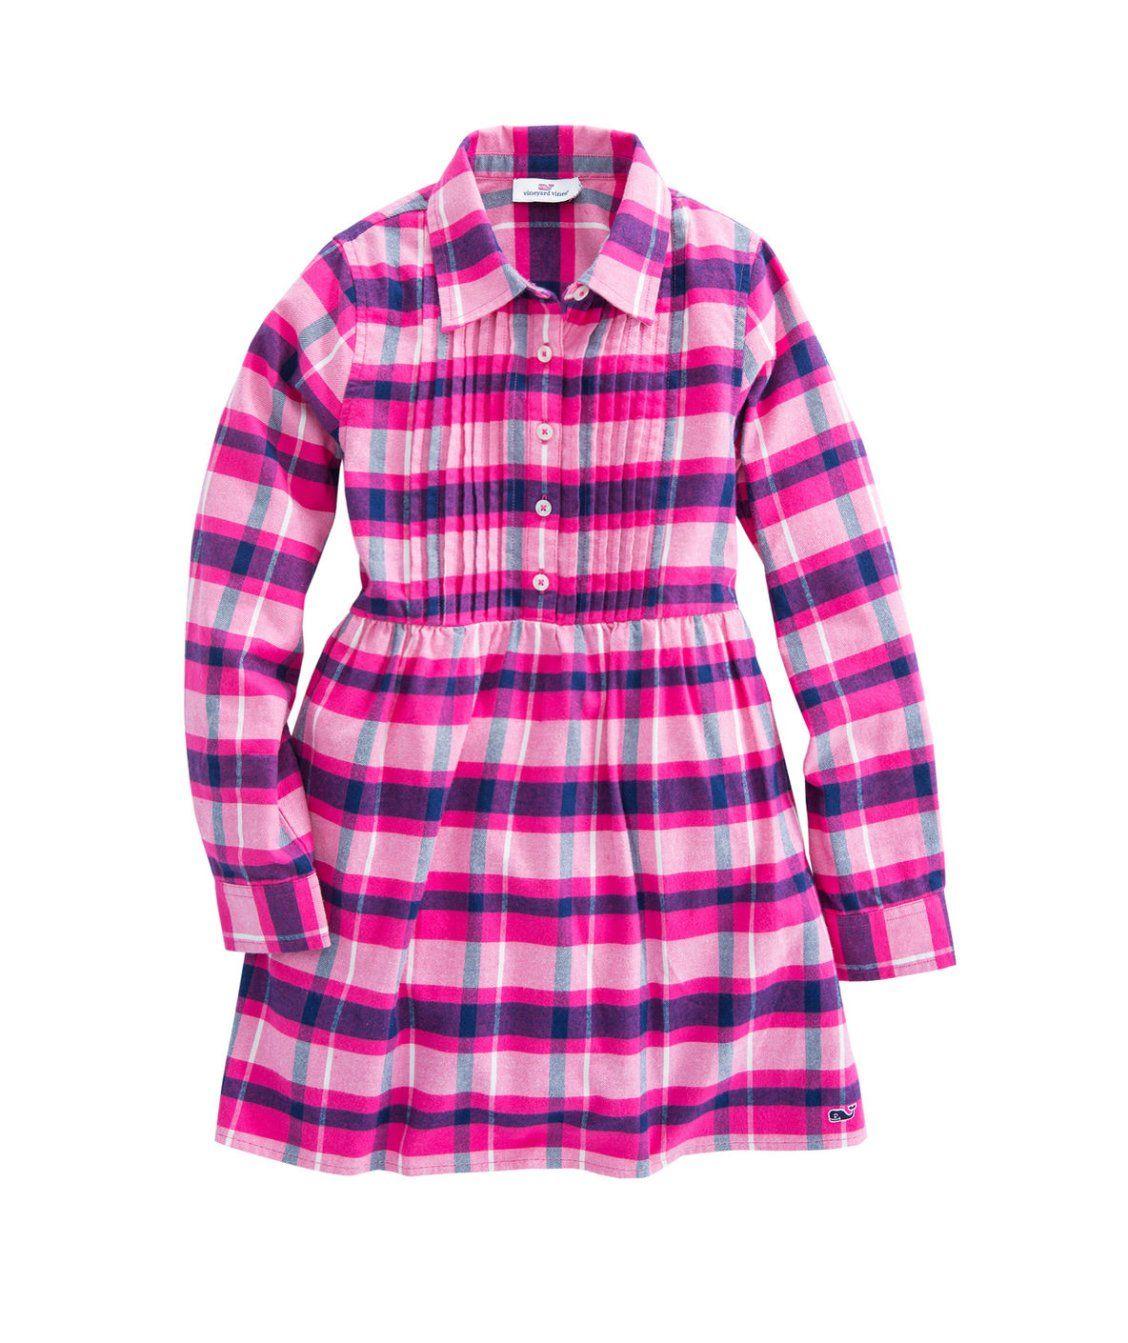 Flannel shirt outfit ideas  Girls Plaid Flannel Shirt Dress  new arrivals  Pinterest